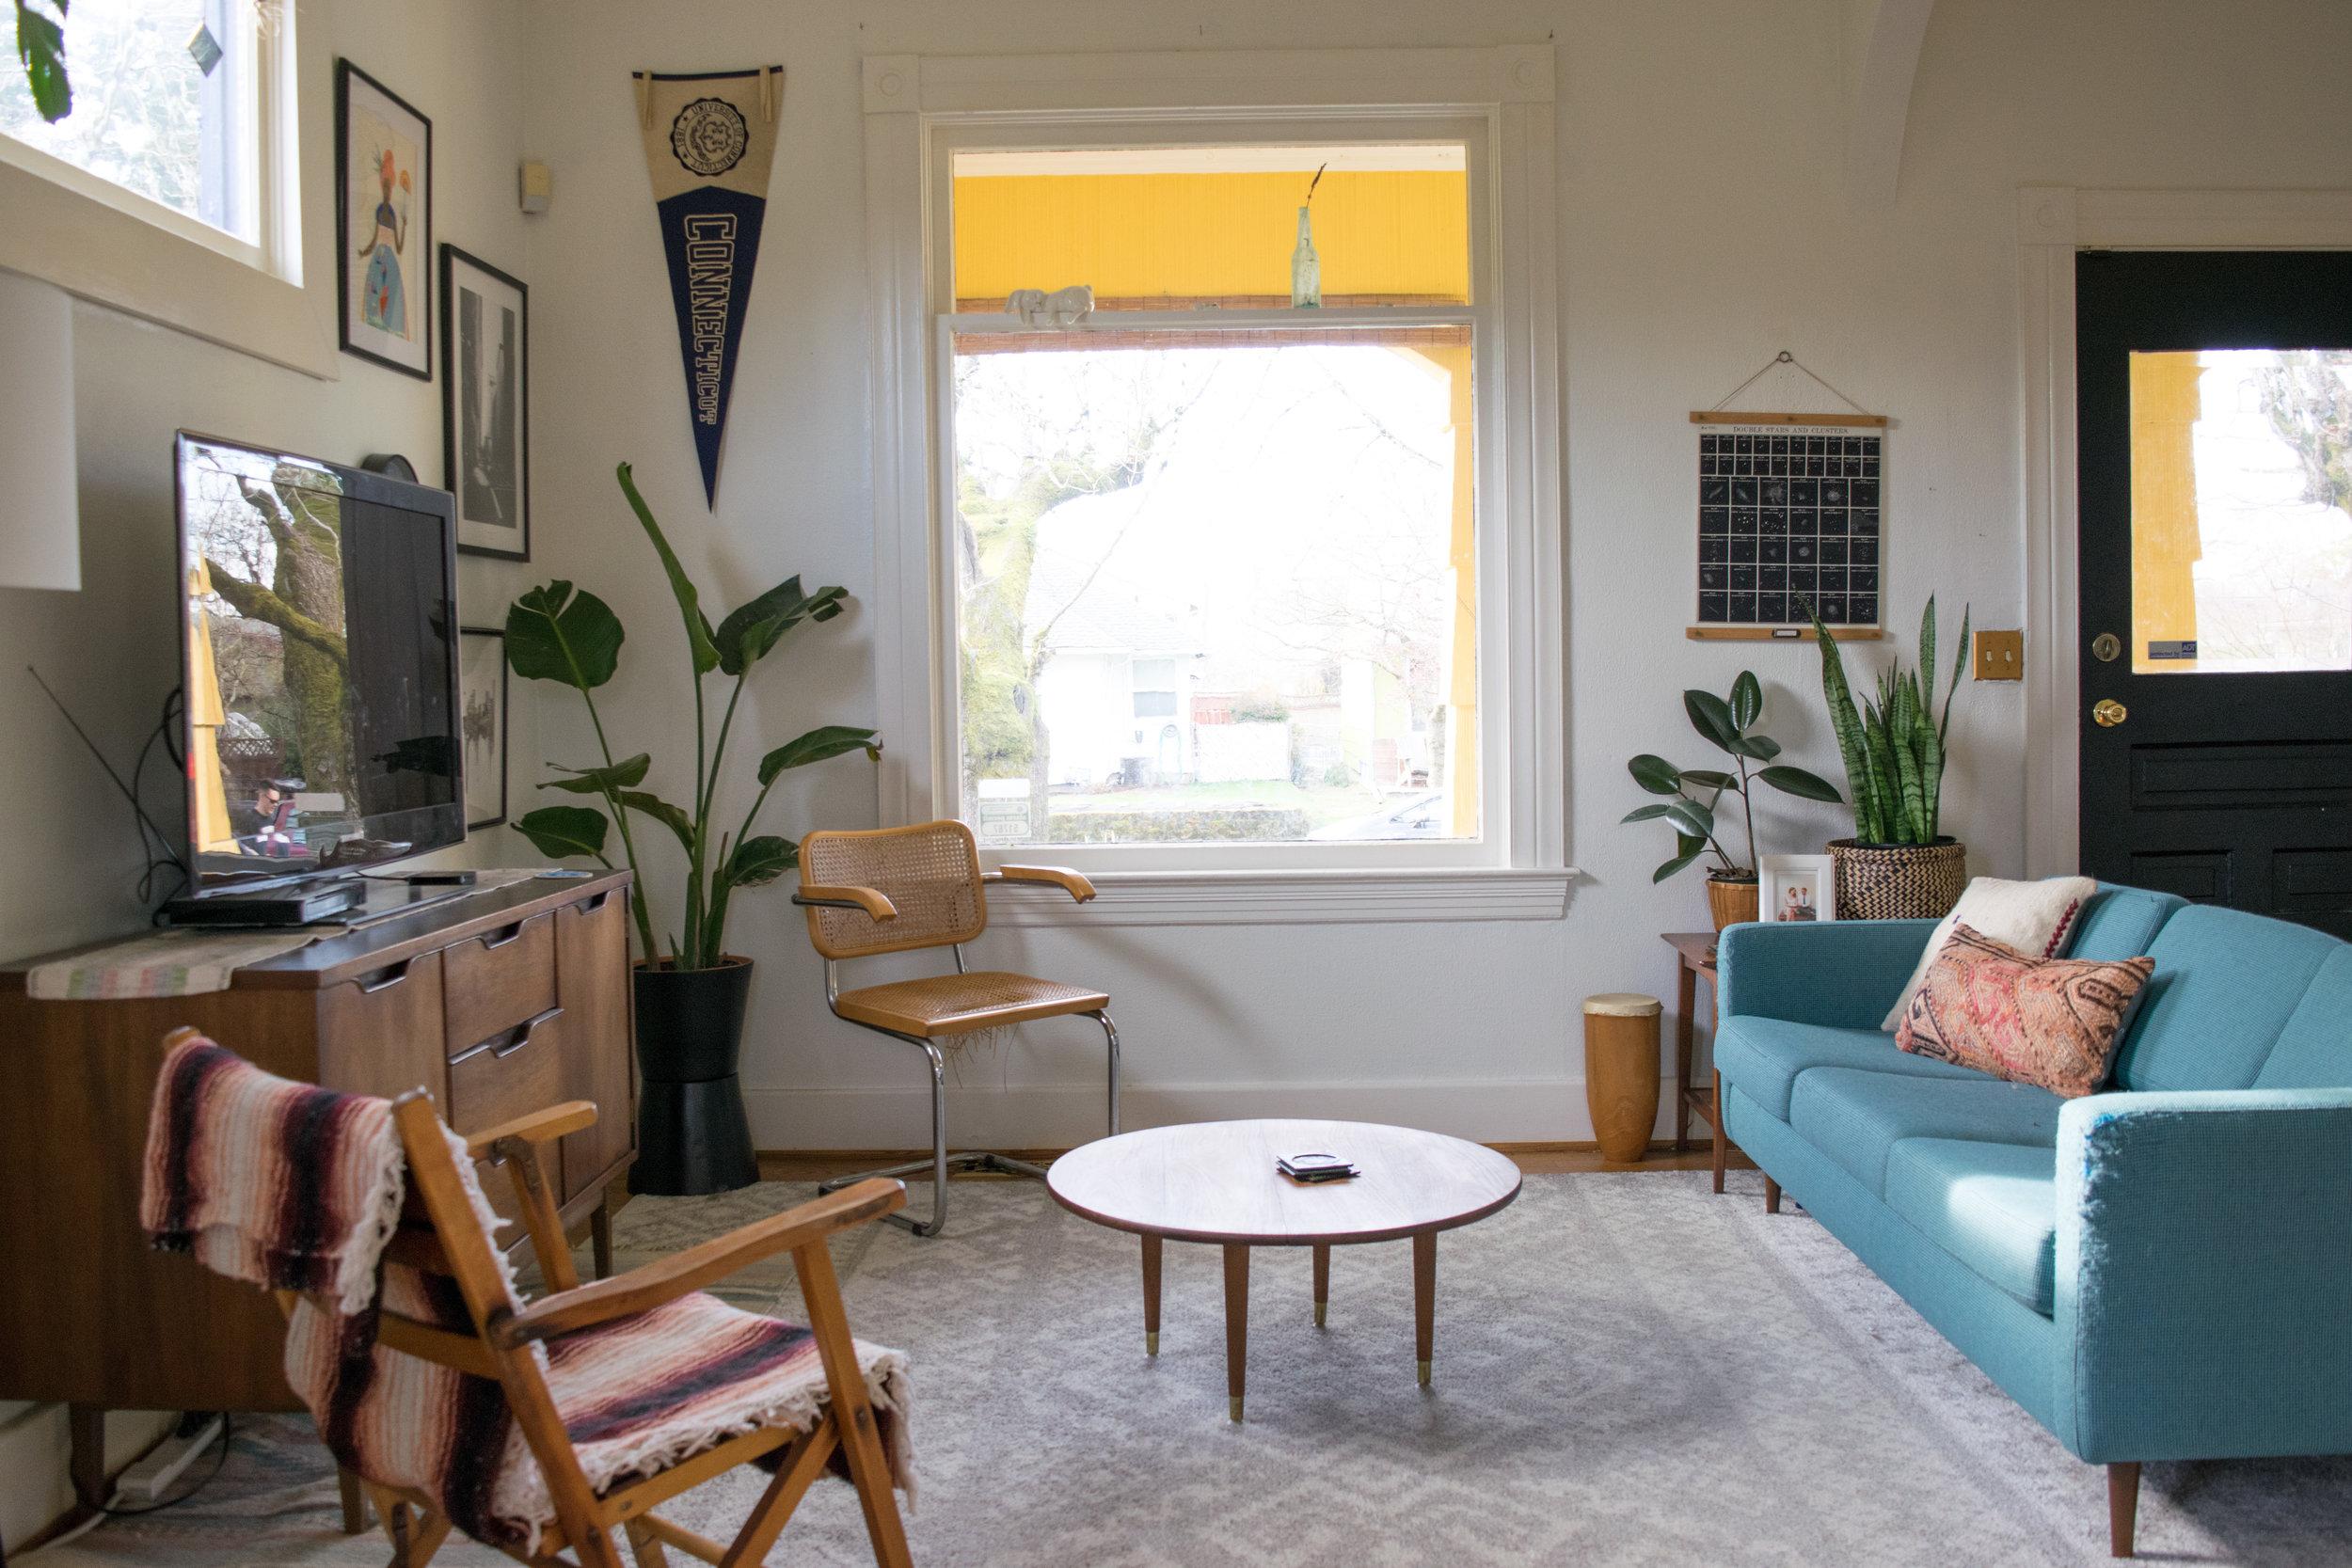 livingroom_window (1 of 1).jpg